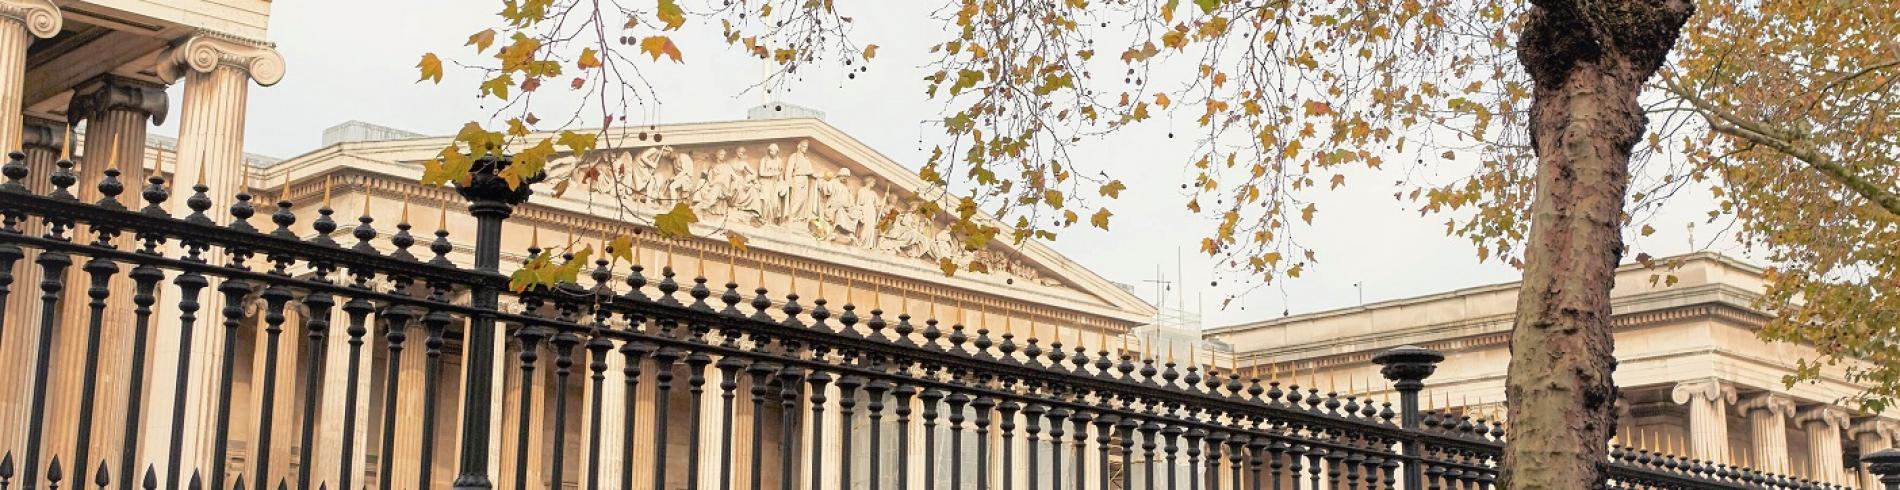 The imposing British Museum